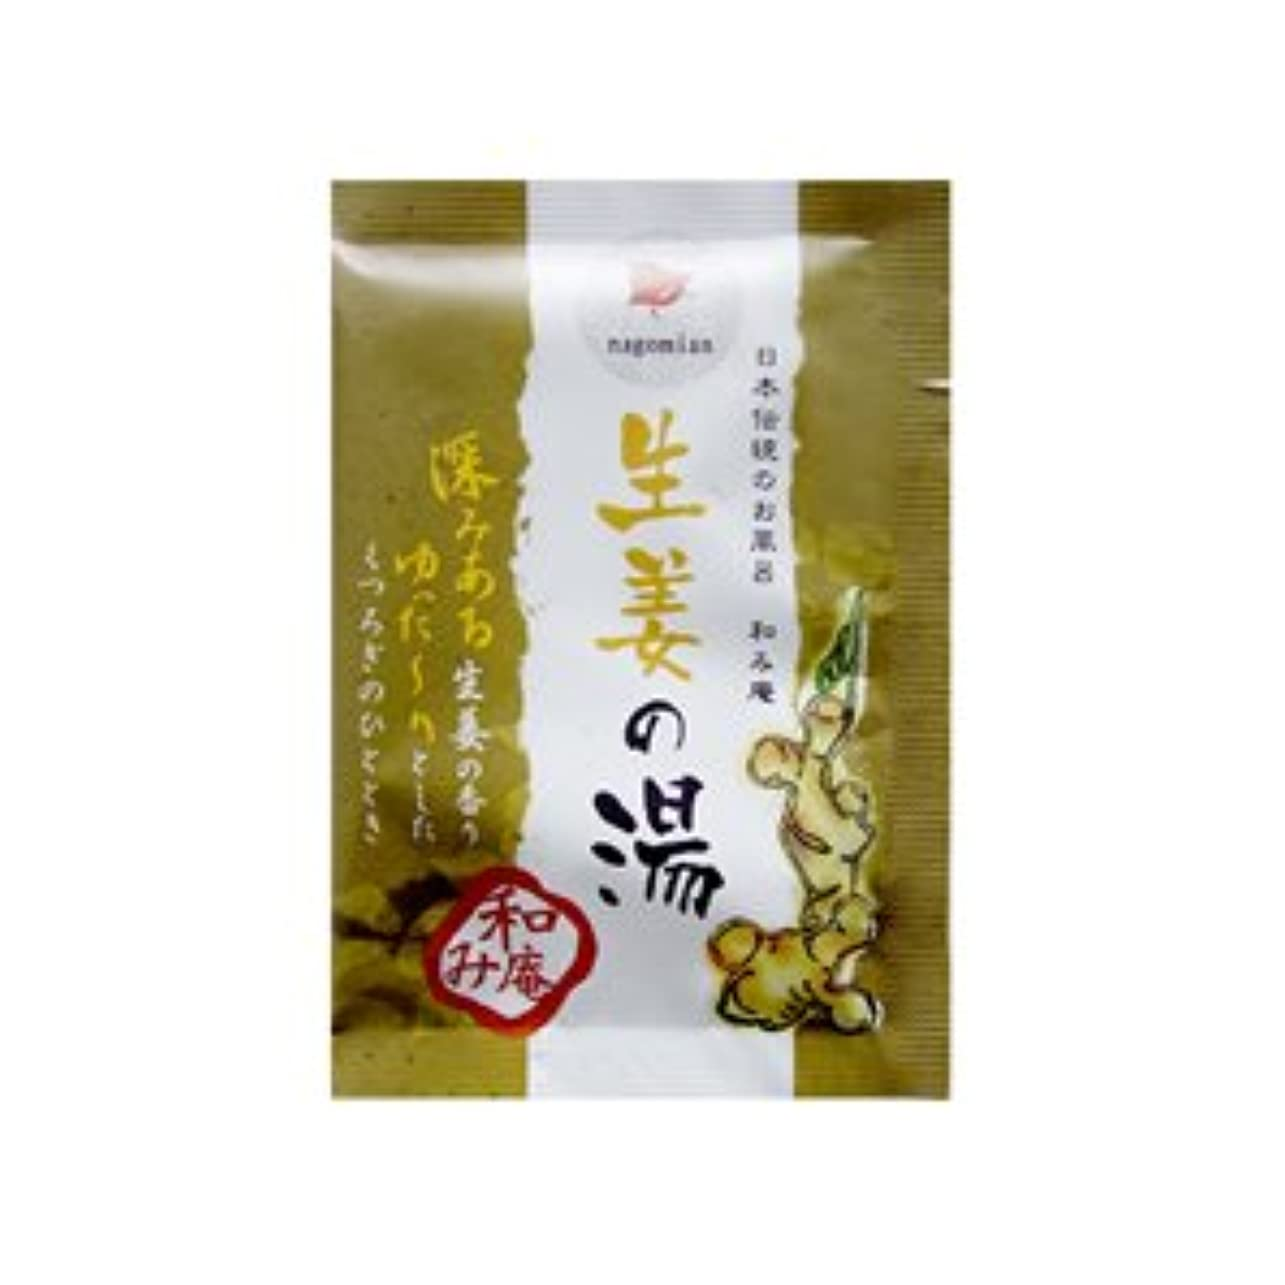 日本伝統のお風呂 和み庵 生姜の湯 25g 5個セット